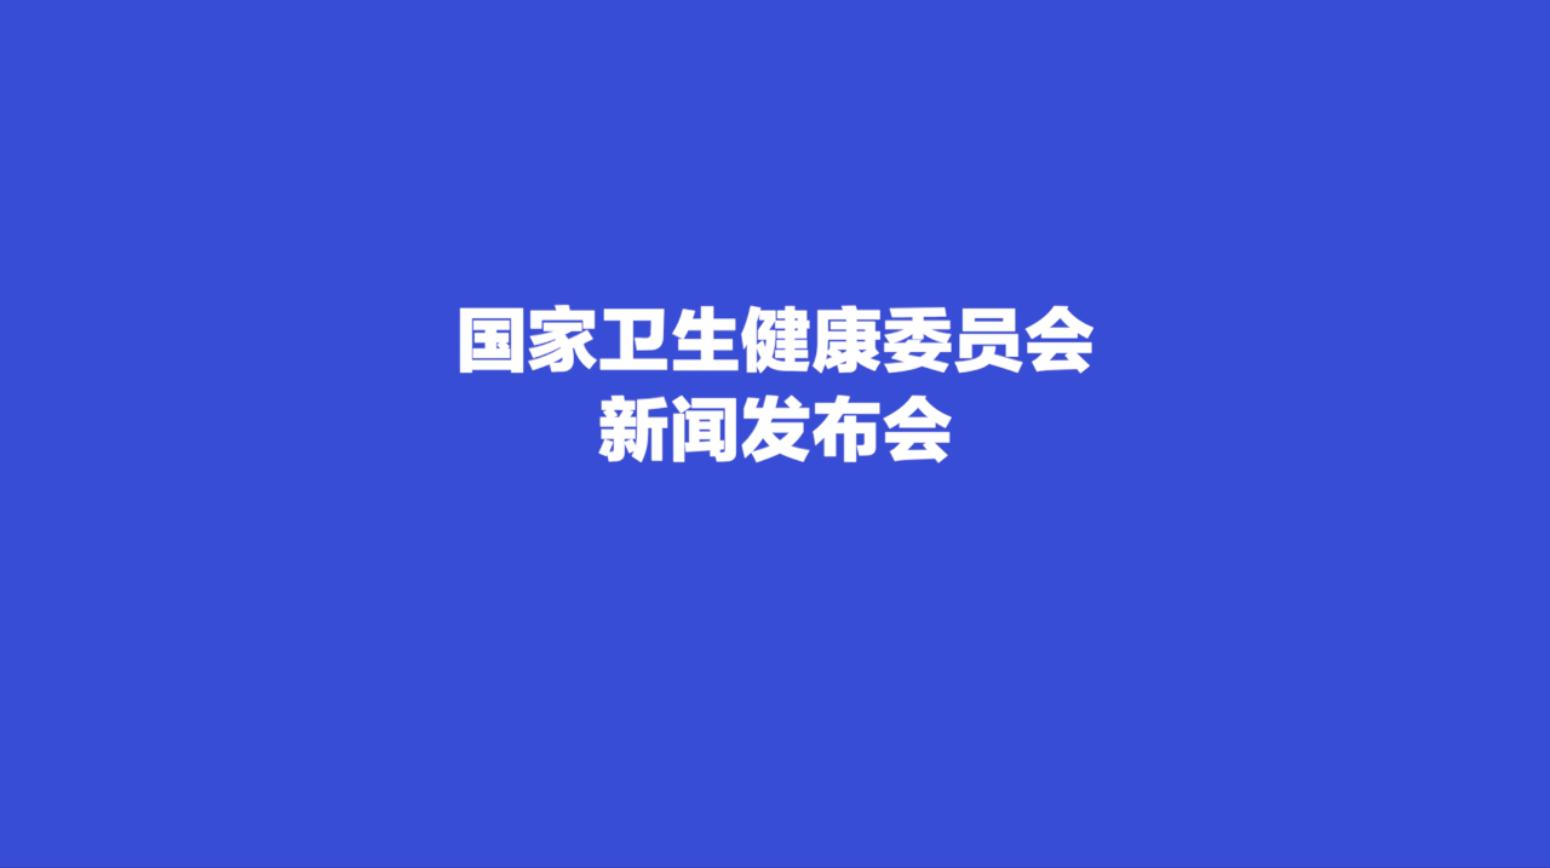 国家卫健委就疫情防控中的运输保障召开新闻发布会